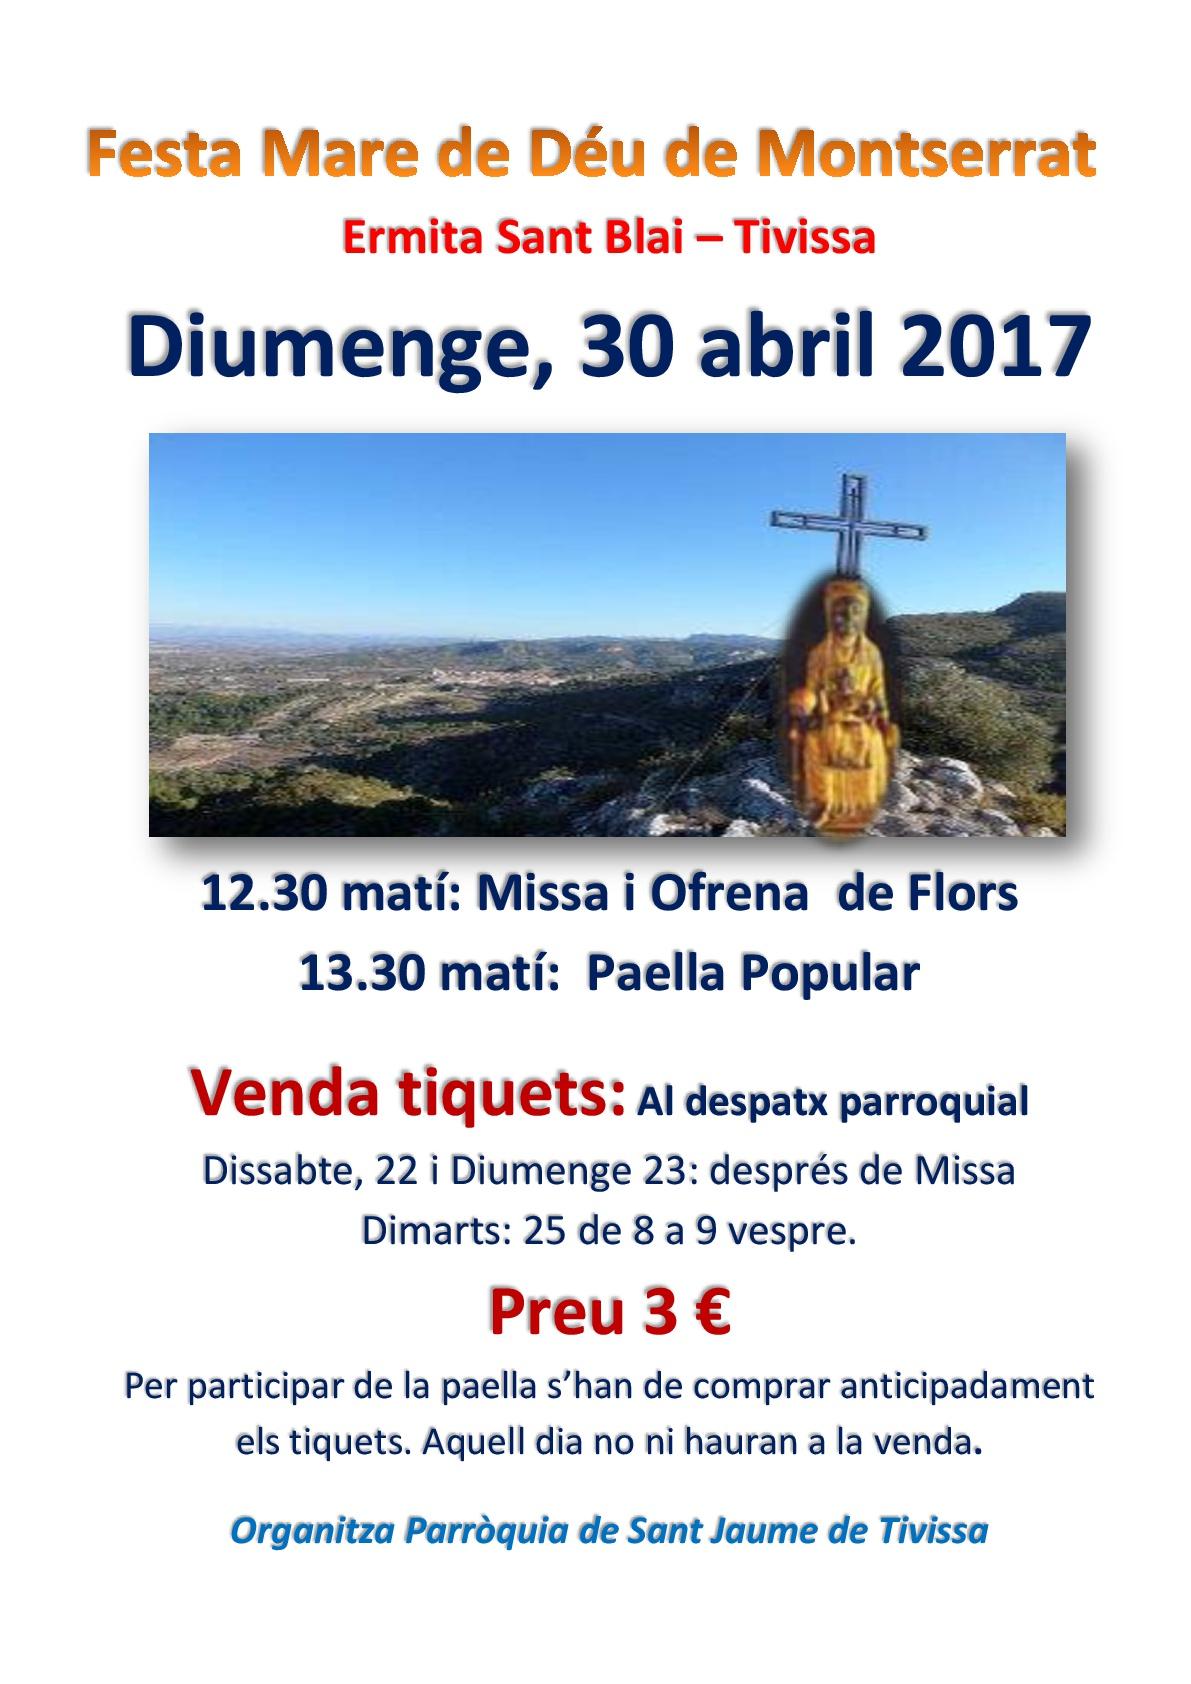 Festa-Mare-de-Déu-de-Montserrat-2017